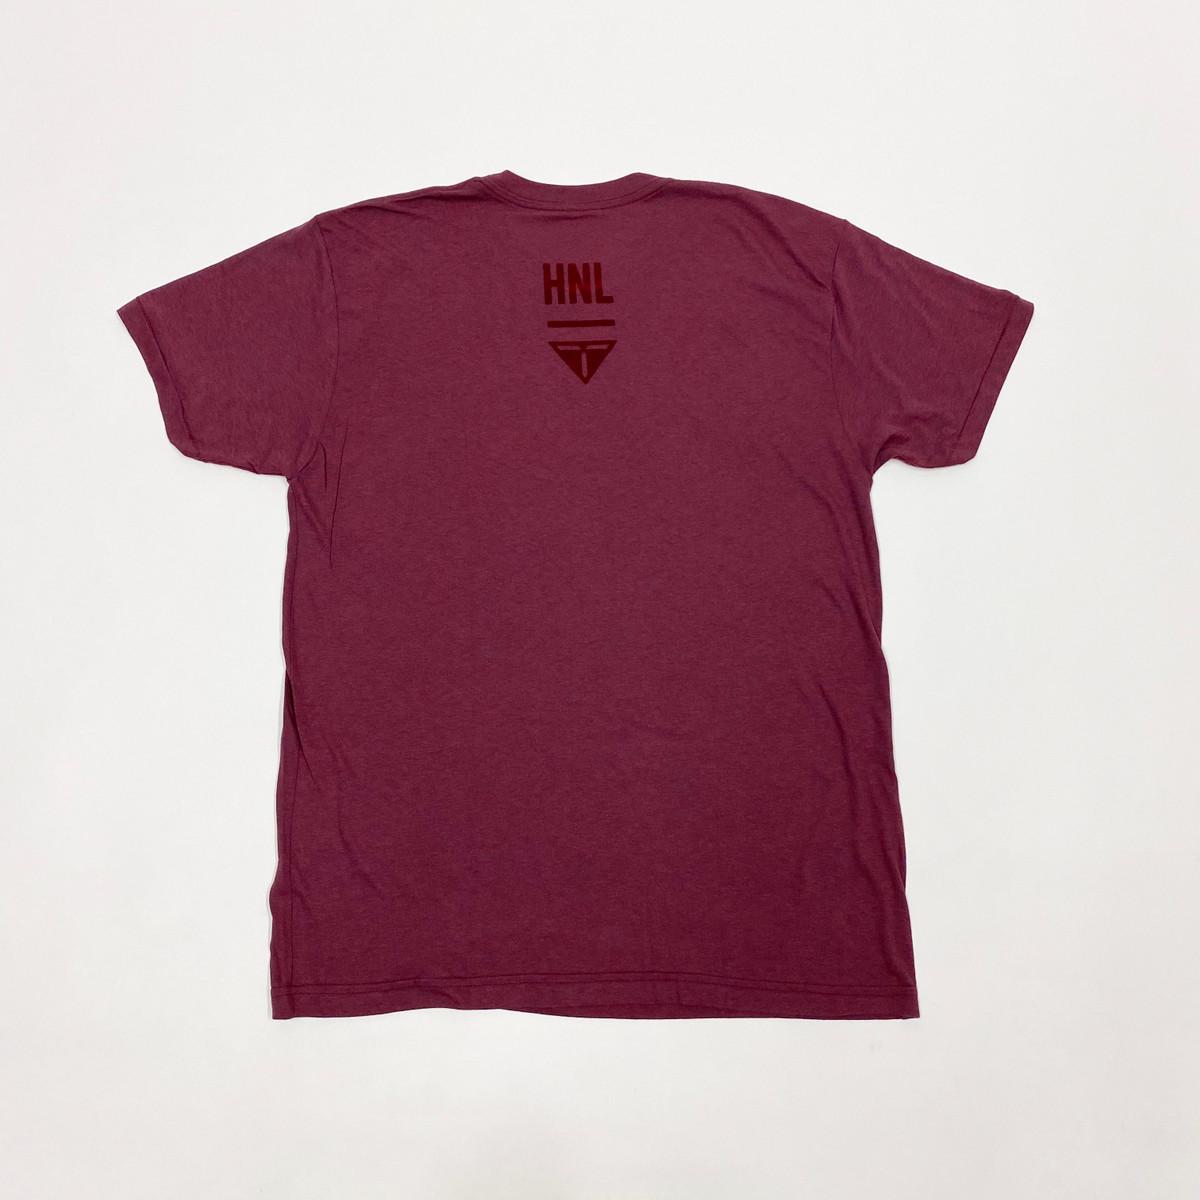 Truest Small Box Velvet T-shirt Cranberry